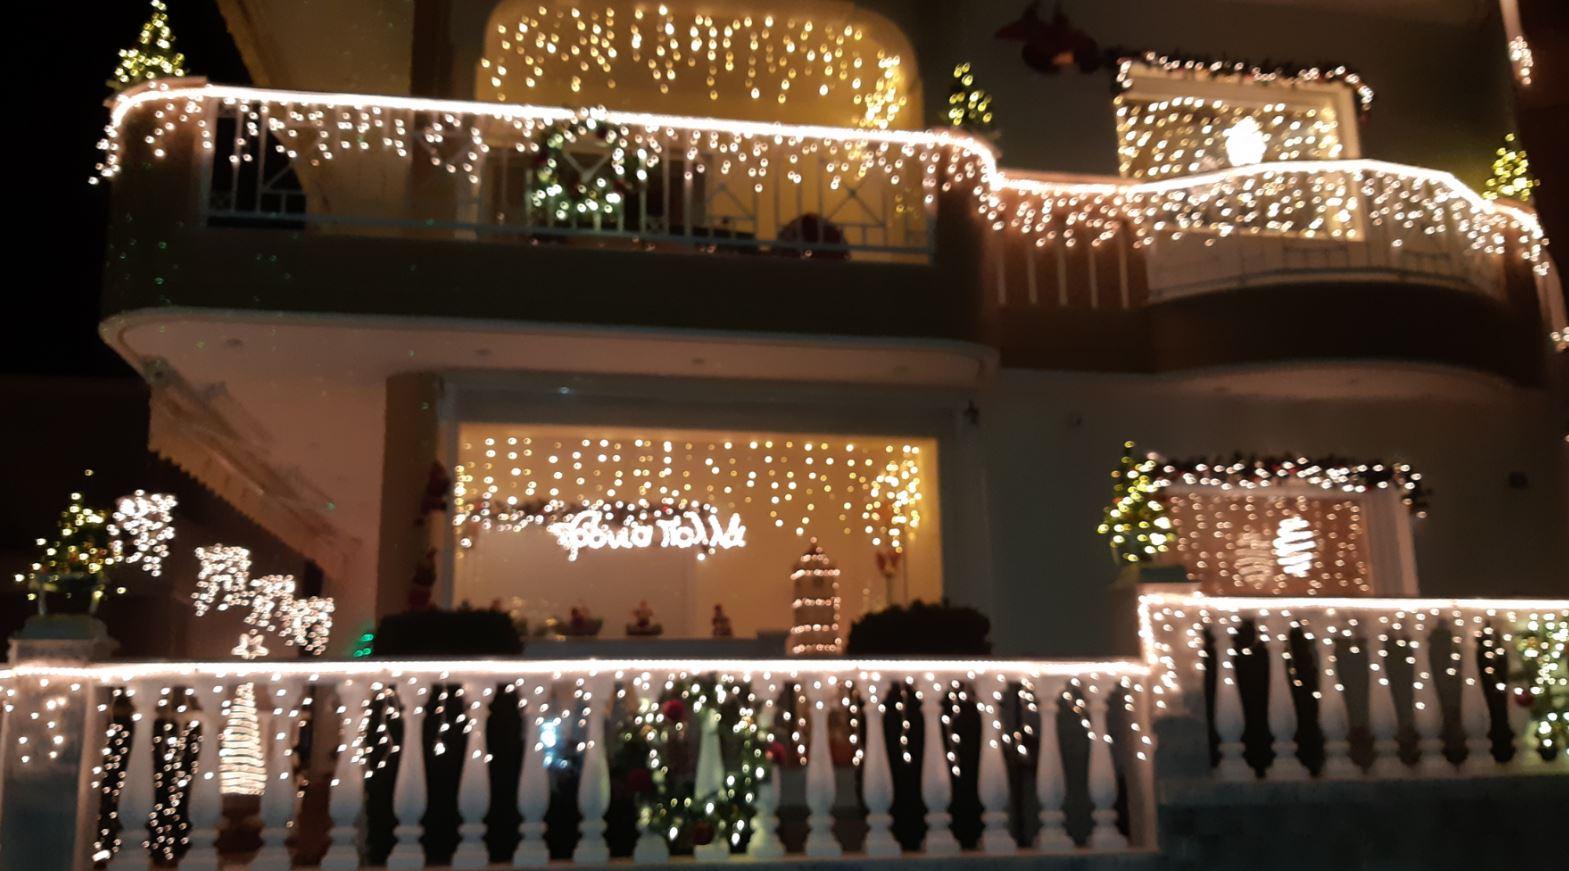 """kozan.gr: Με περισσότερα στολίδια κι ακόμη πιο λεπτομερή διακόσμηση, το Χριστουγεννιάτικο σπίτι """"υπερπαραγωγή"""", στην Κοζάνη, όπως κάθε χρόνο, έτσι και φέτος, κερδίζει τις εντυπώσεις (Βίντεο)"""